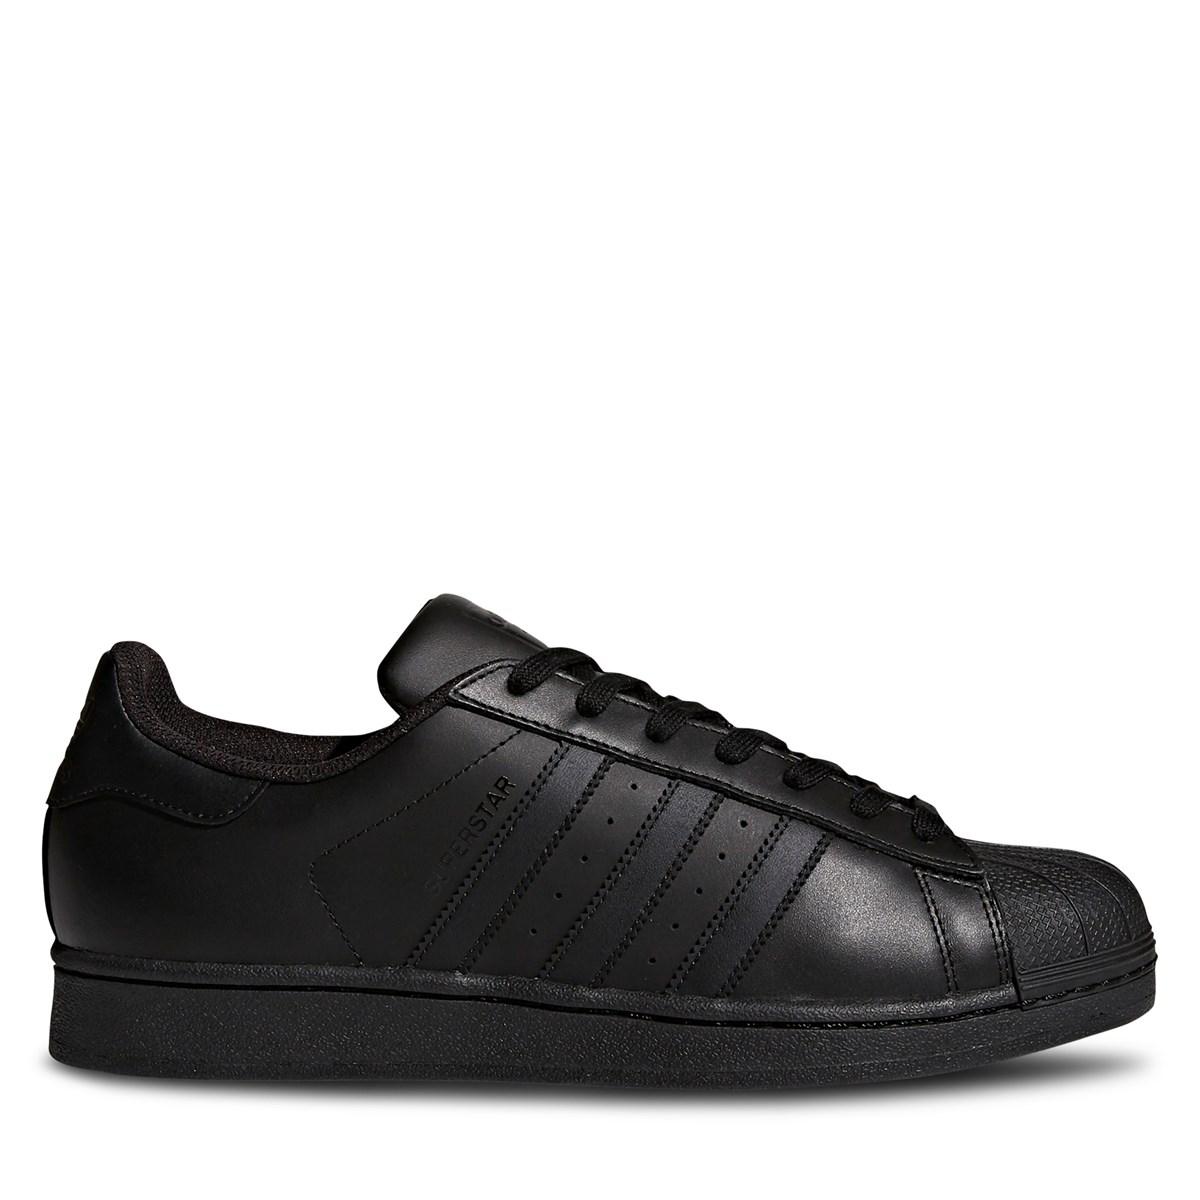 design intemporel 3c277 f990b Baskets Superstar noires pour hommes